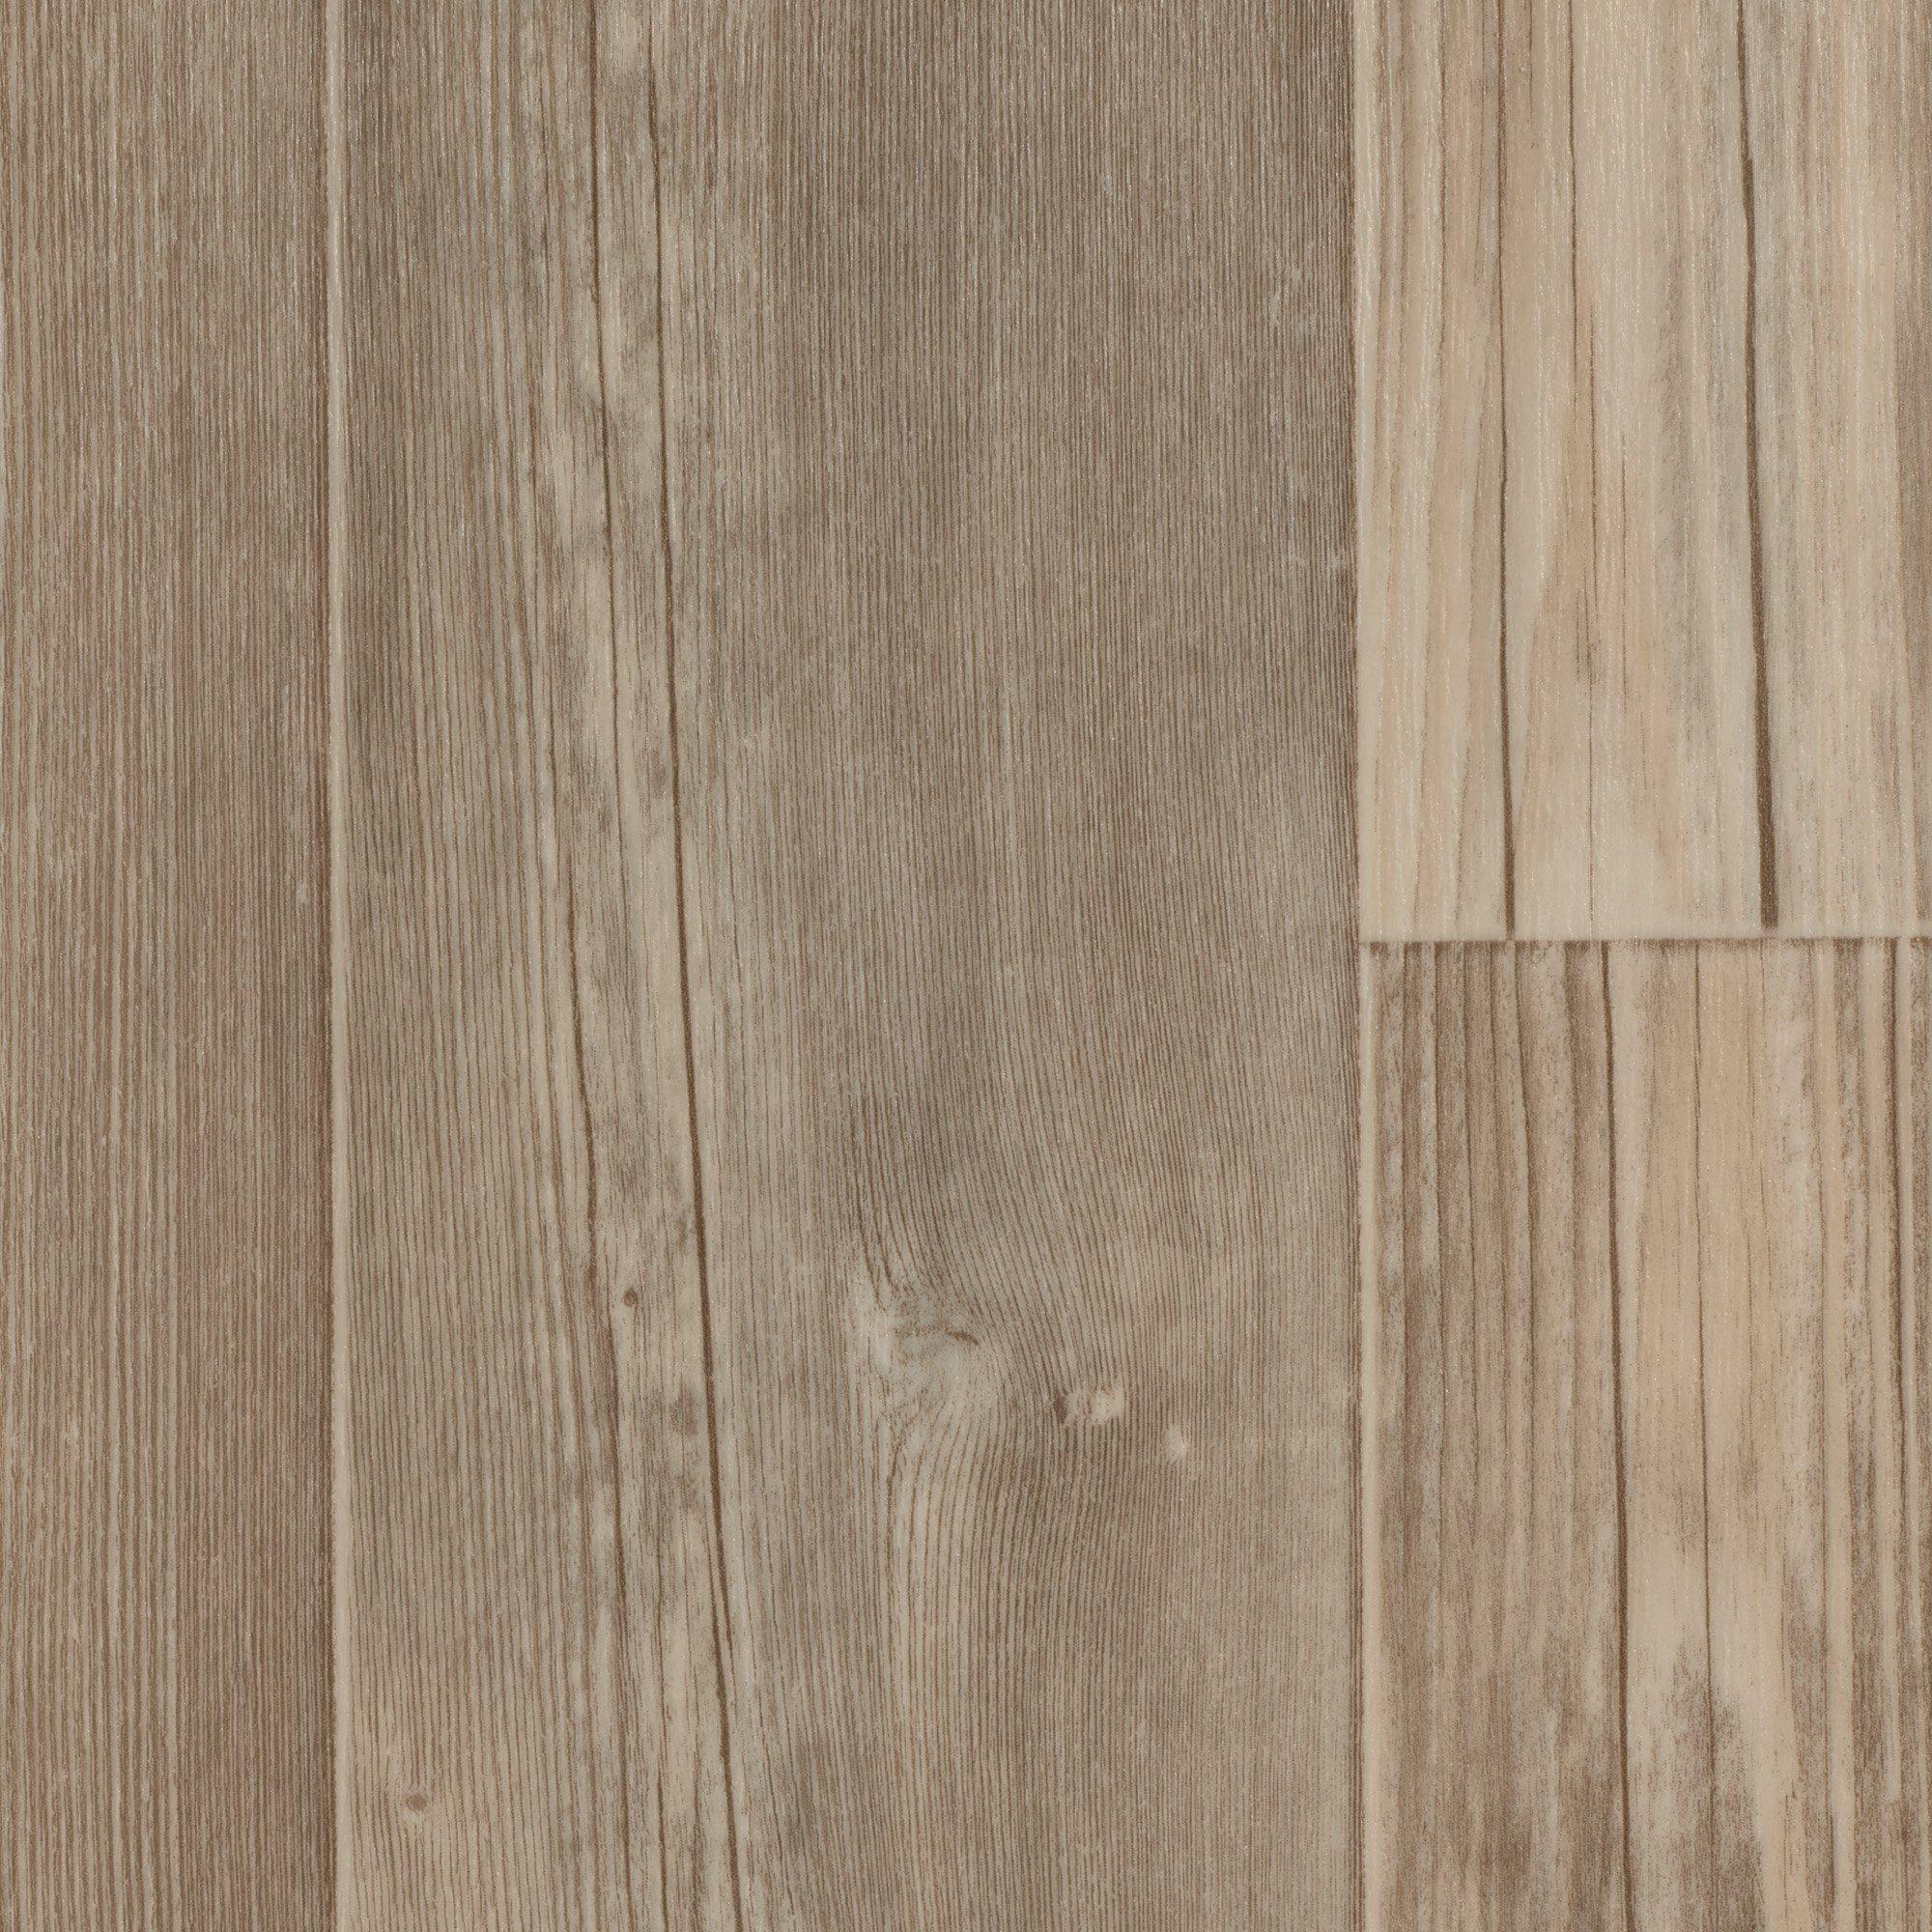 BODENMEISTER BM70400 Vinylboden PVC Bodenbelag Meterware 200 300 400 cm breit Holzoptik Diele Eiche creme wei/ß